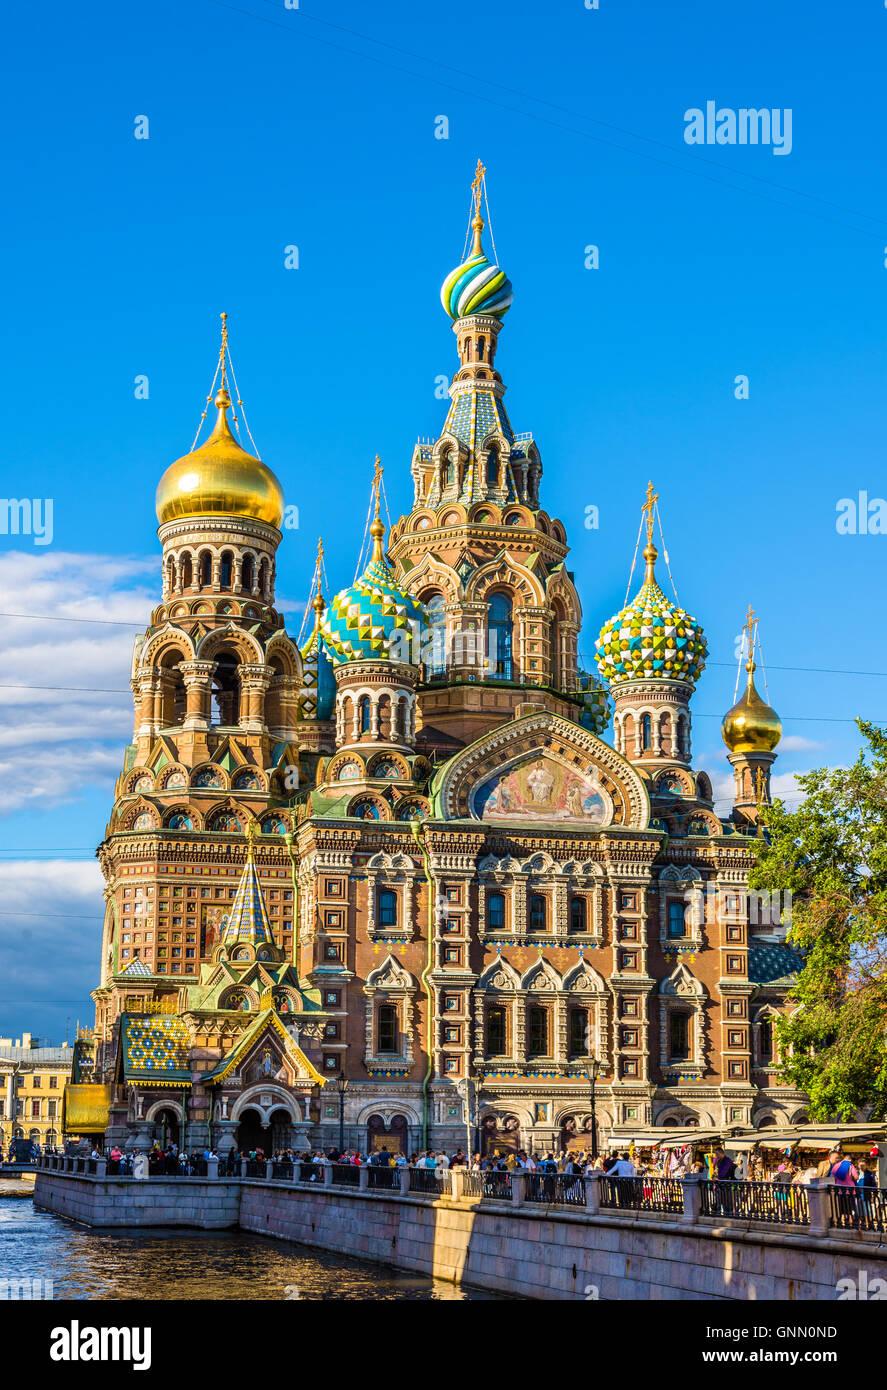 Iglesia del Salvador sobre la sangre - San Petersburgo, Rusia Imagen De Stock